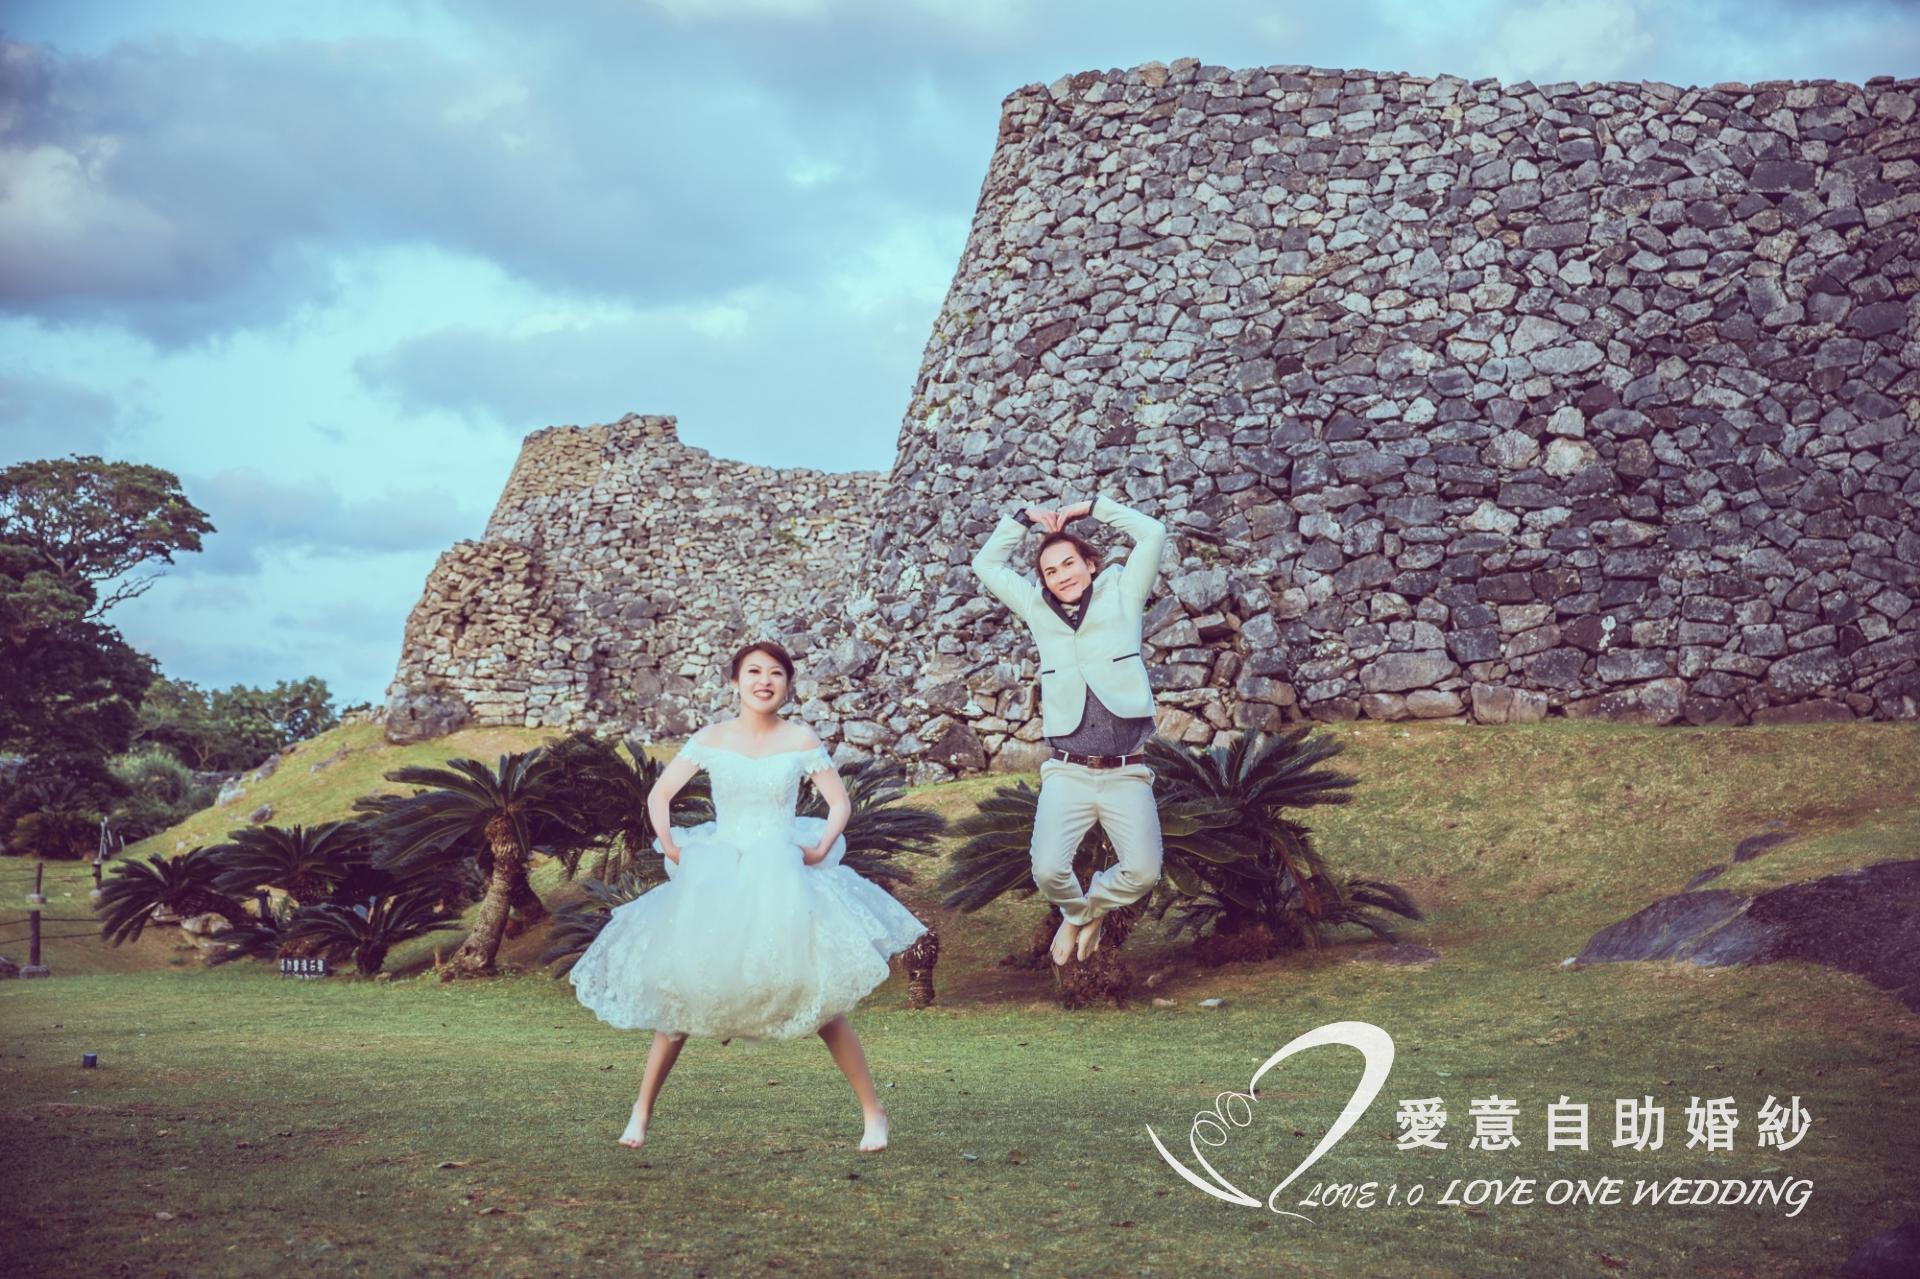 沖繩婚紗照愛意婚紗推薦2